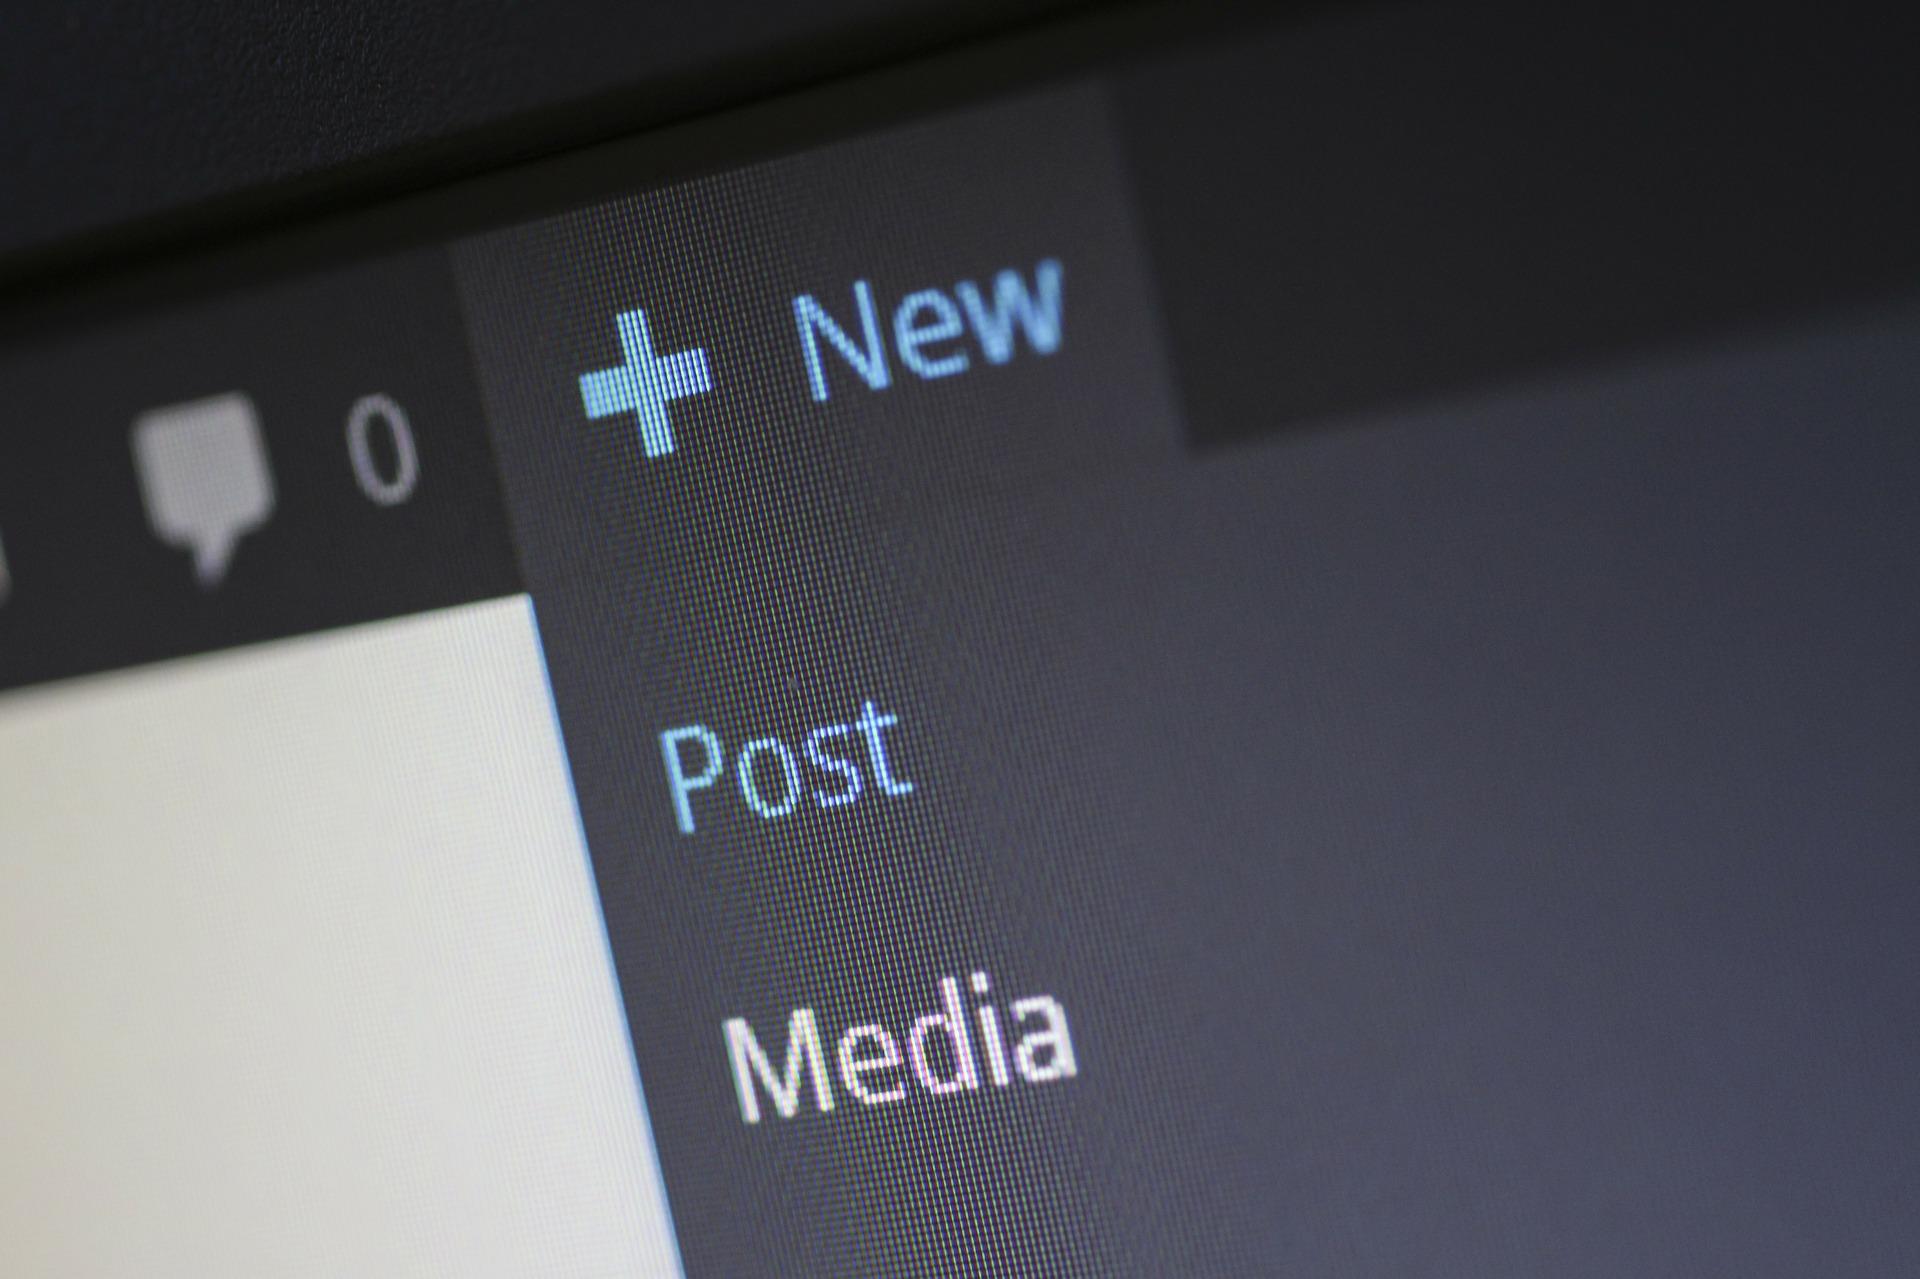 cms 265125 1920 - WordPressのメディア・外観・ウィジェット・メニューなどの使い方まとめ